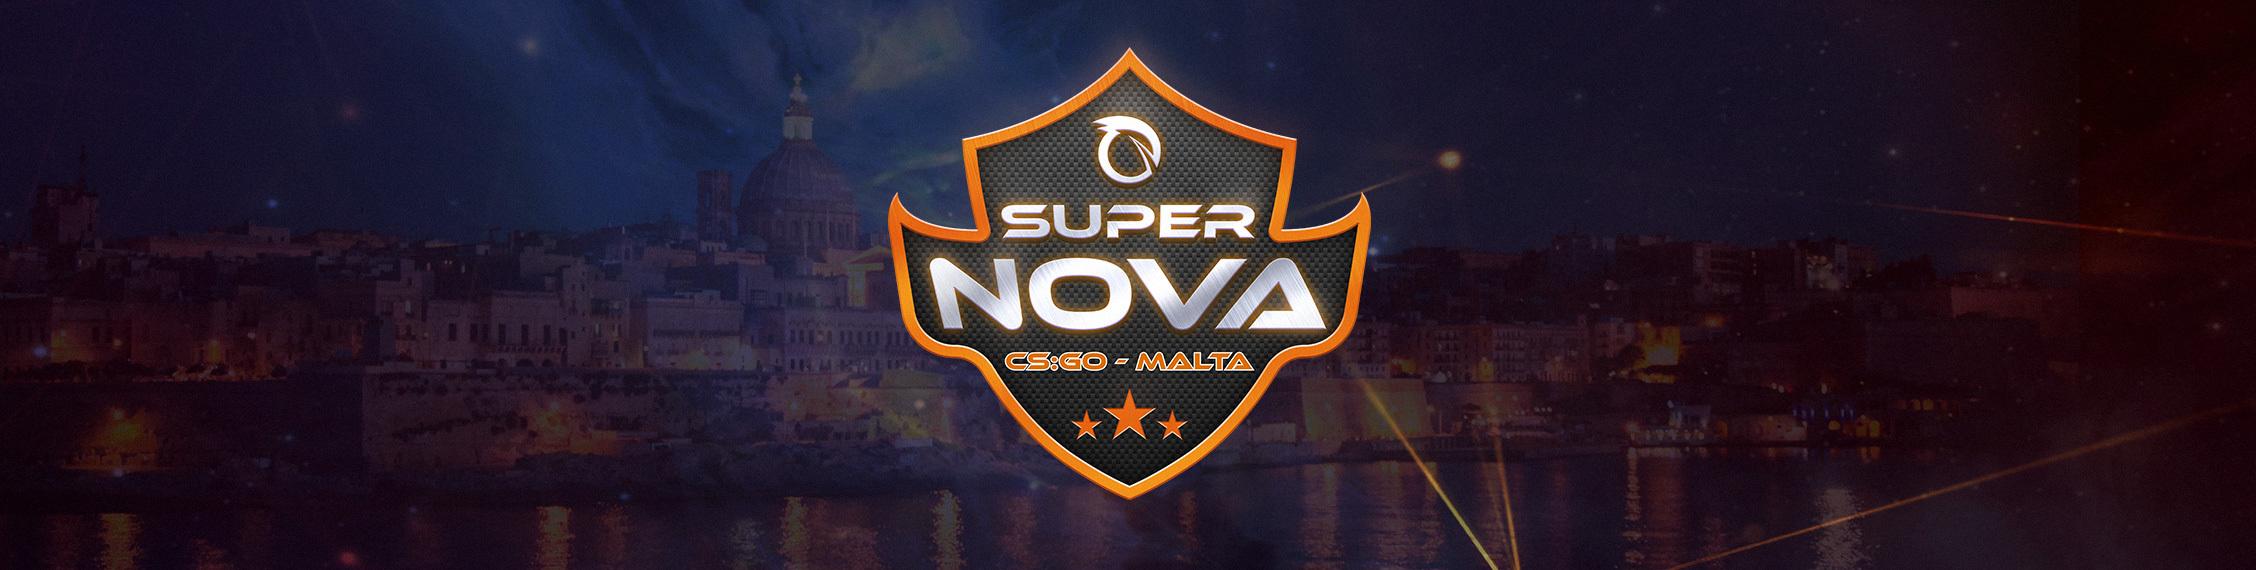 Supernova CS:GO Malta